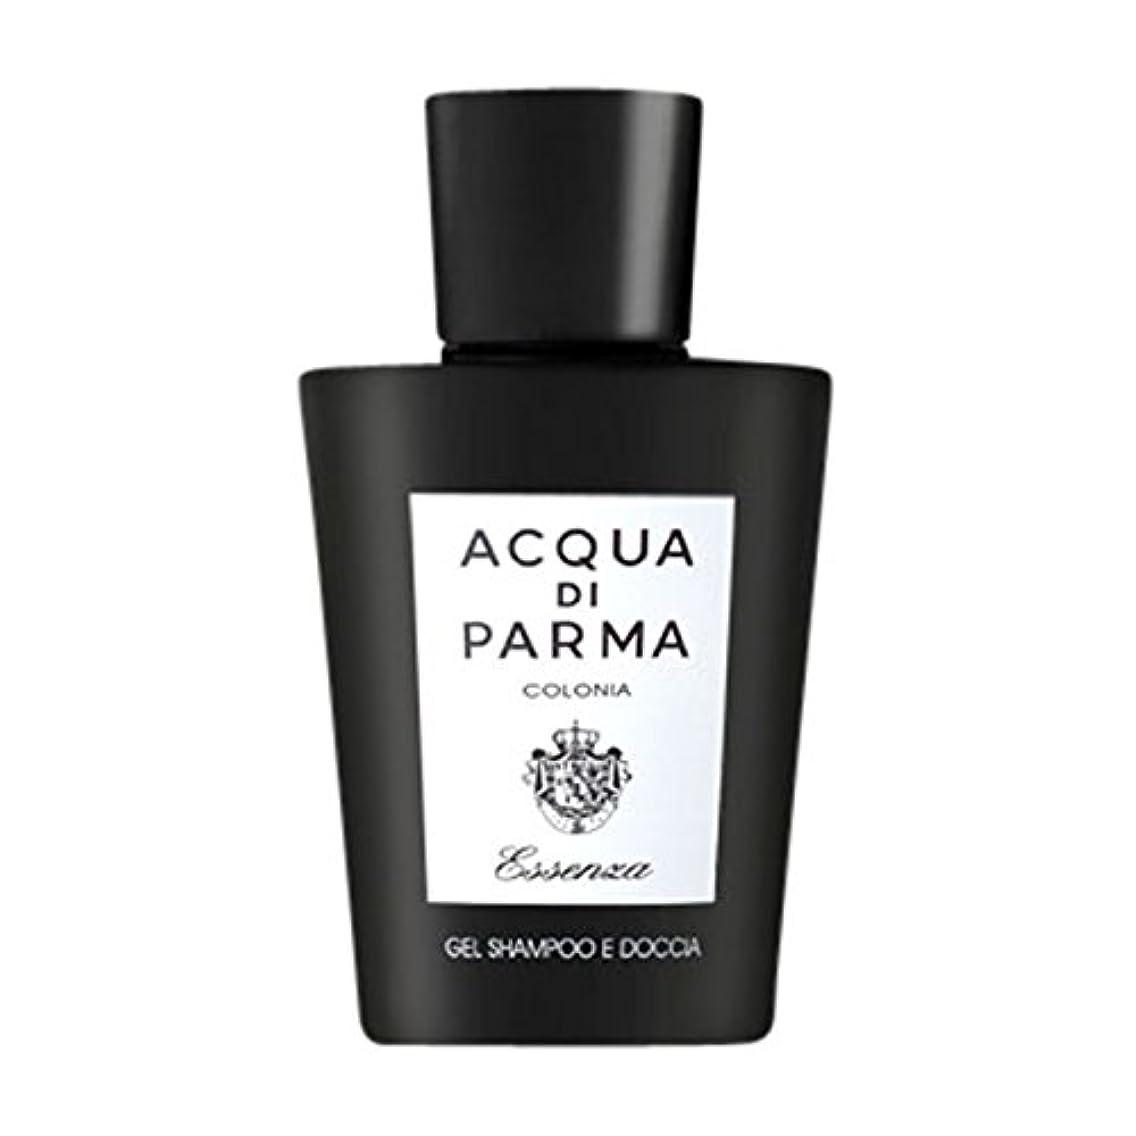 急性奇妙なびっくりするアクアディパルマコロニアEssenza髪とシャワージェル200ミリリットル (Acqua di Parma) (x2) - Acqua di Parma Colonia Essenza Hair and Shower Gel...